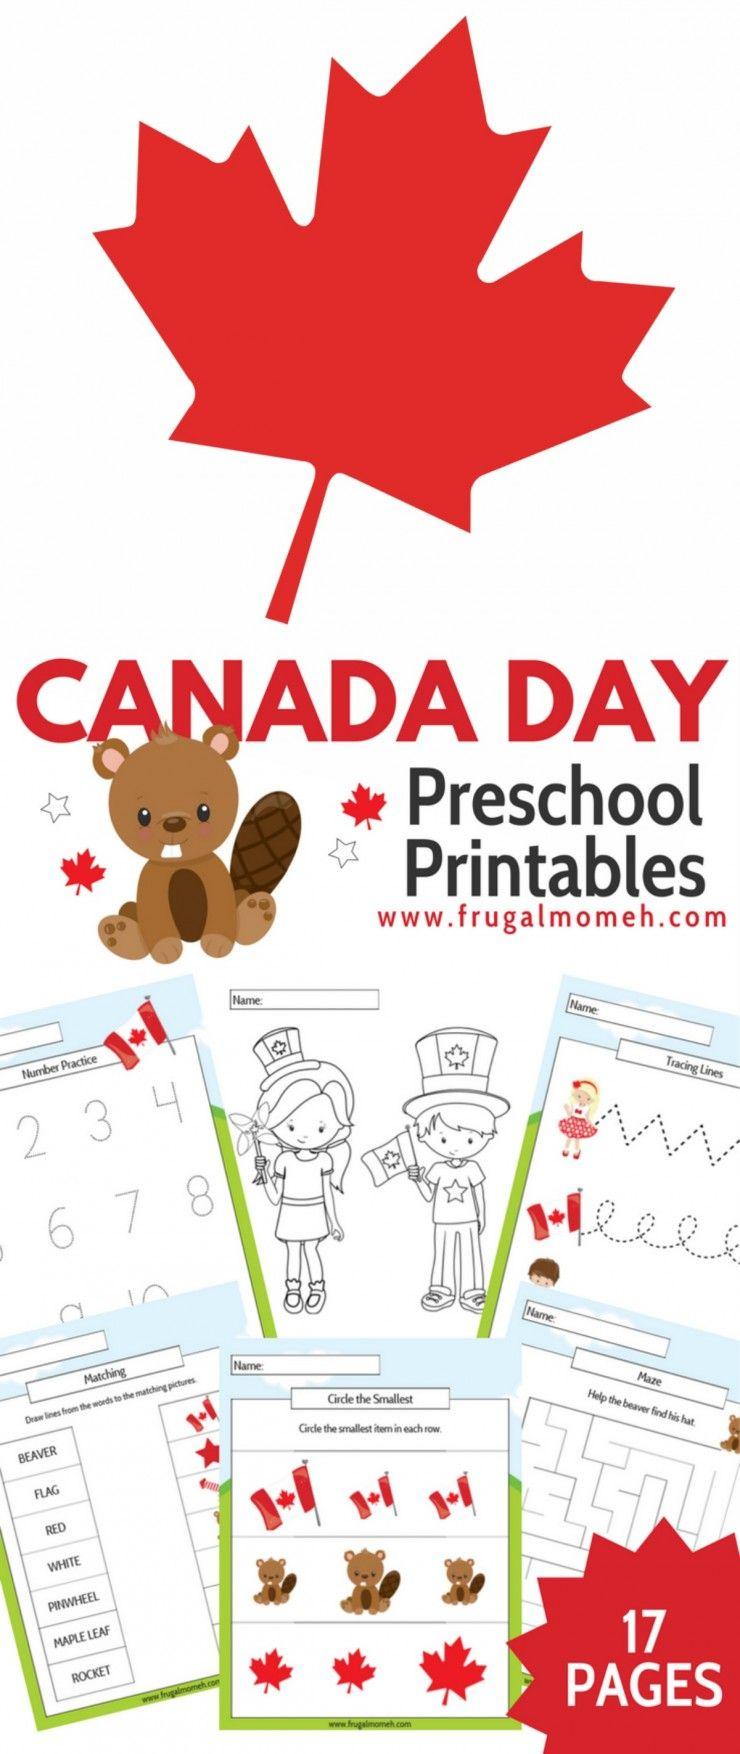 Free Printable Canada Day Preschool Activity Book | Frugal